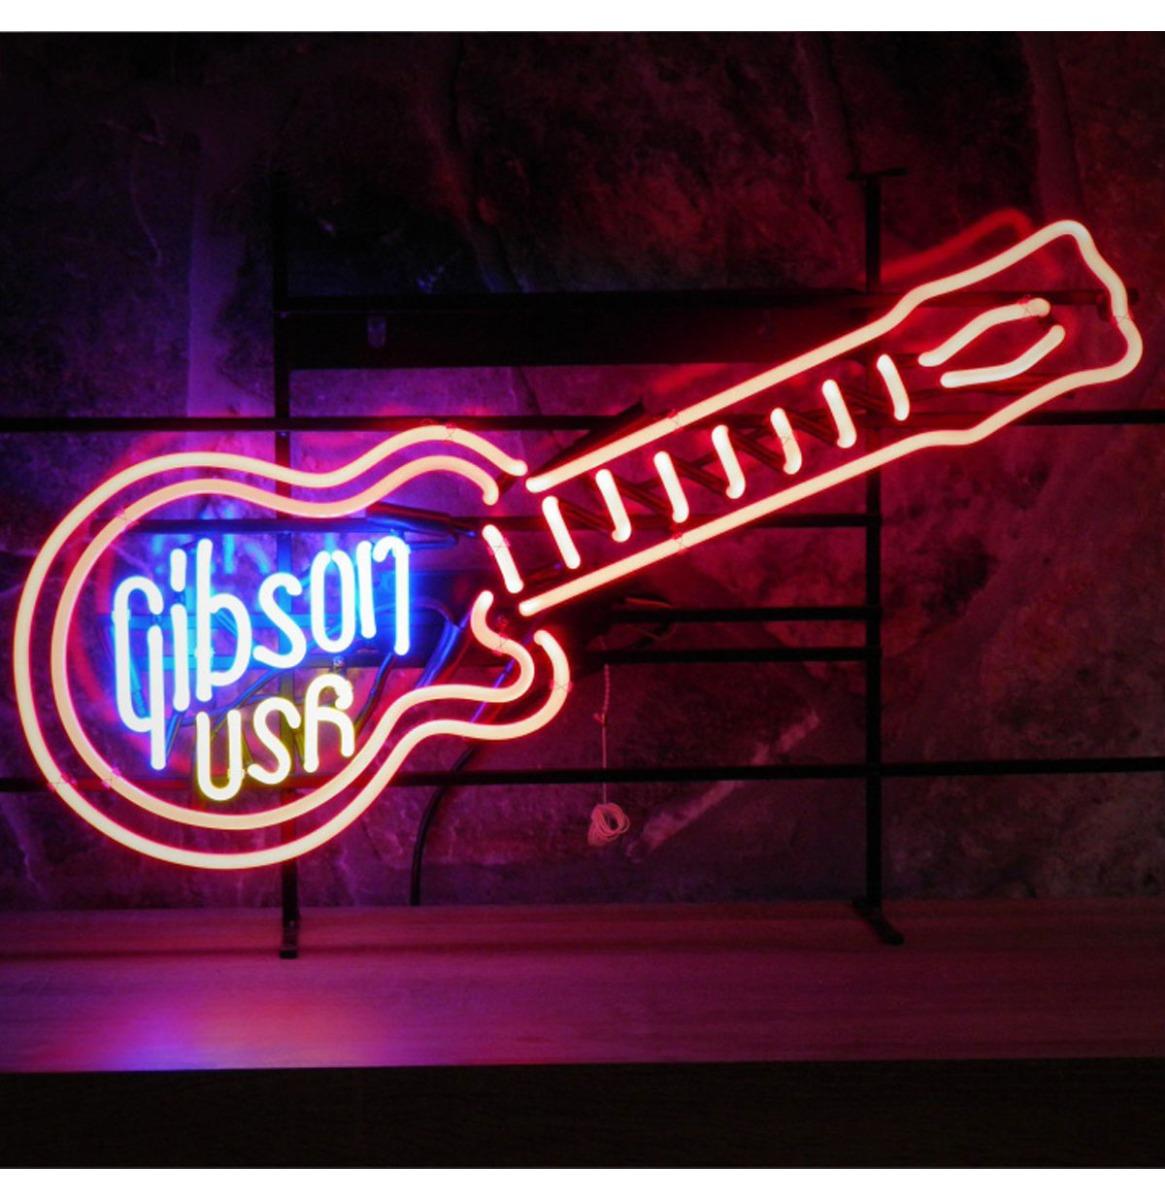 Gibson USA Guitar Neon Verlichting - 80 x 50 cm